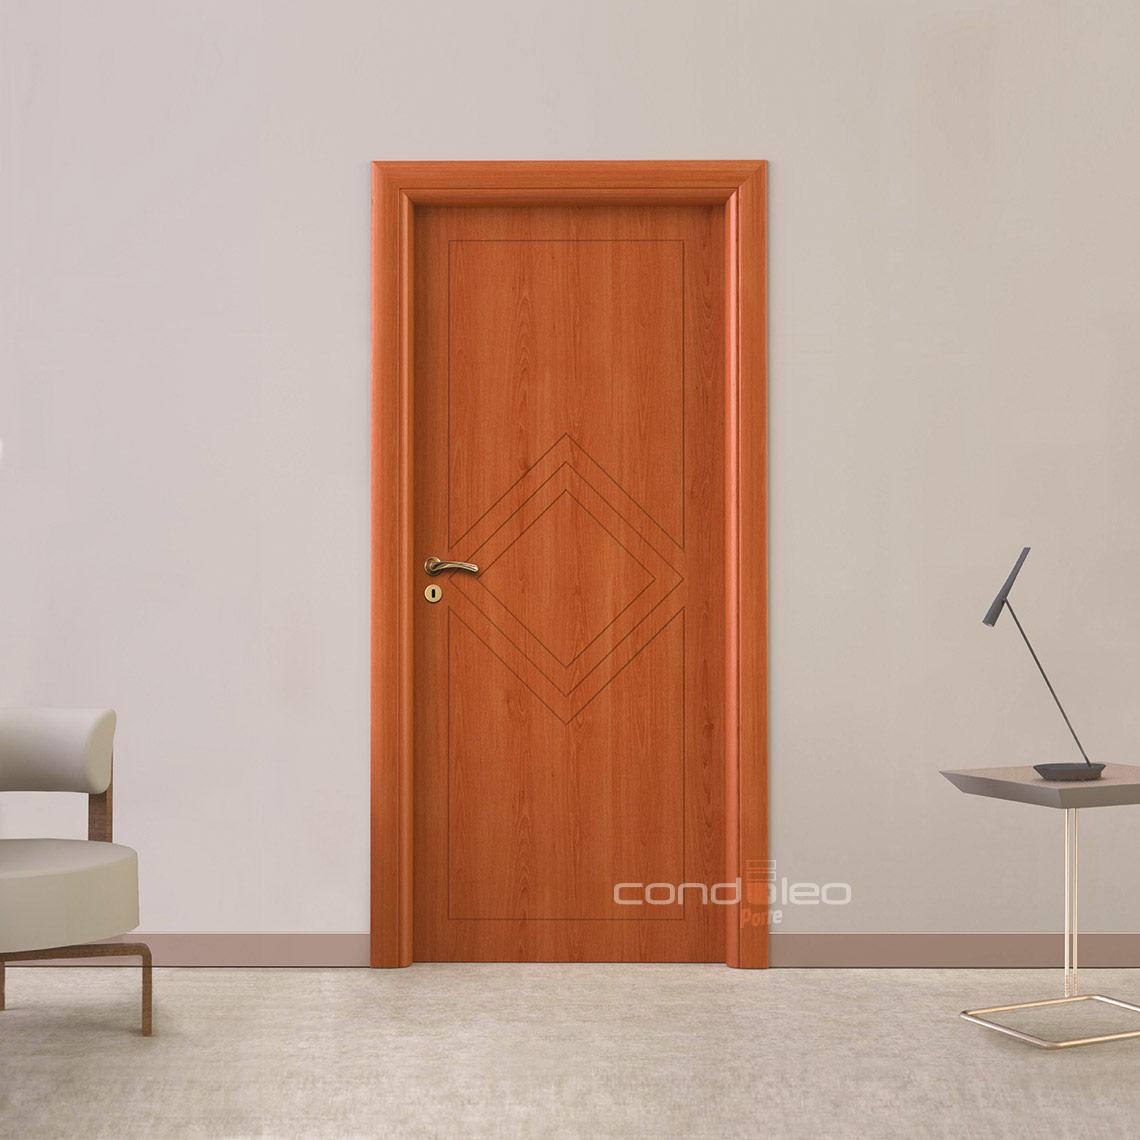 Porte ciliegio incise Mod. L016